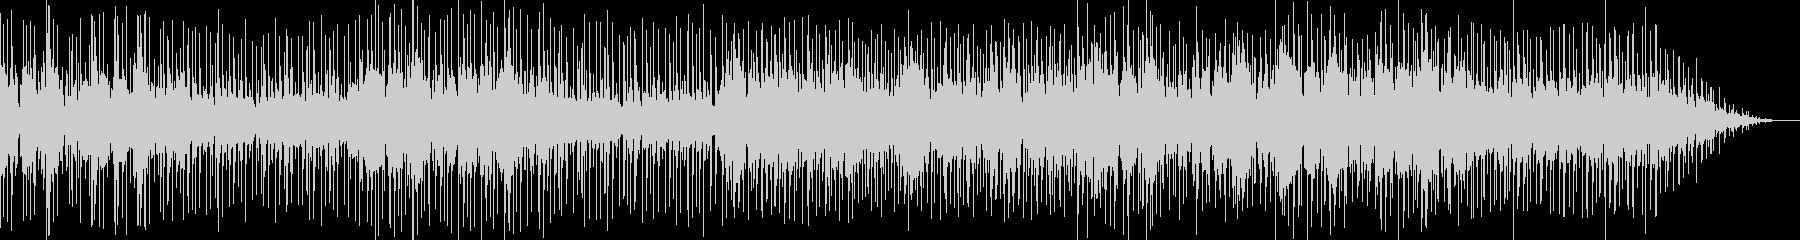 ラテンフレーバーあるスムースジャズの未再生の波形